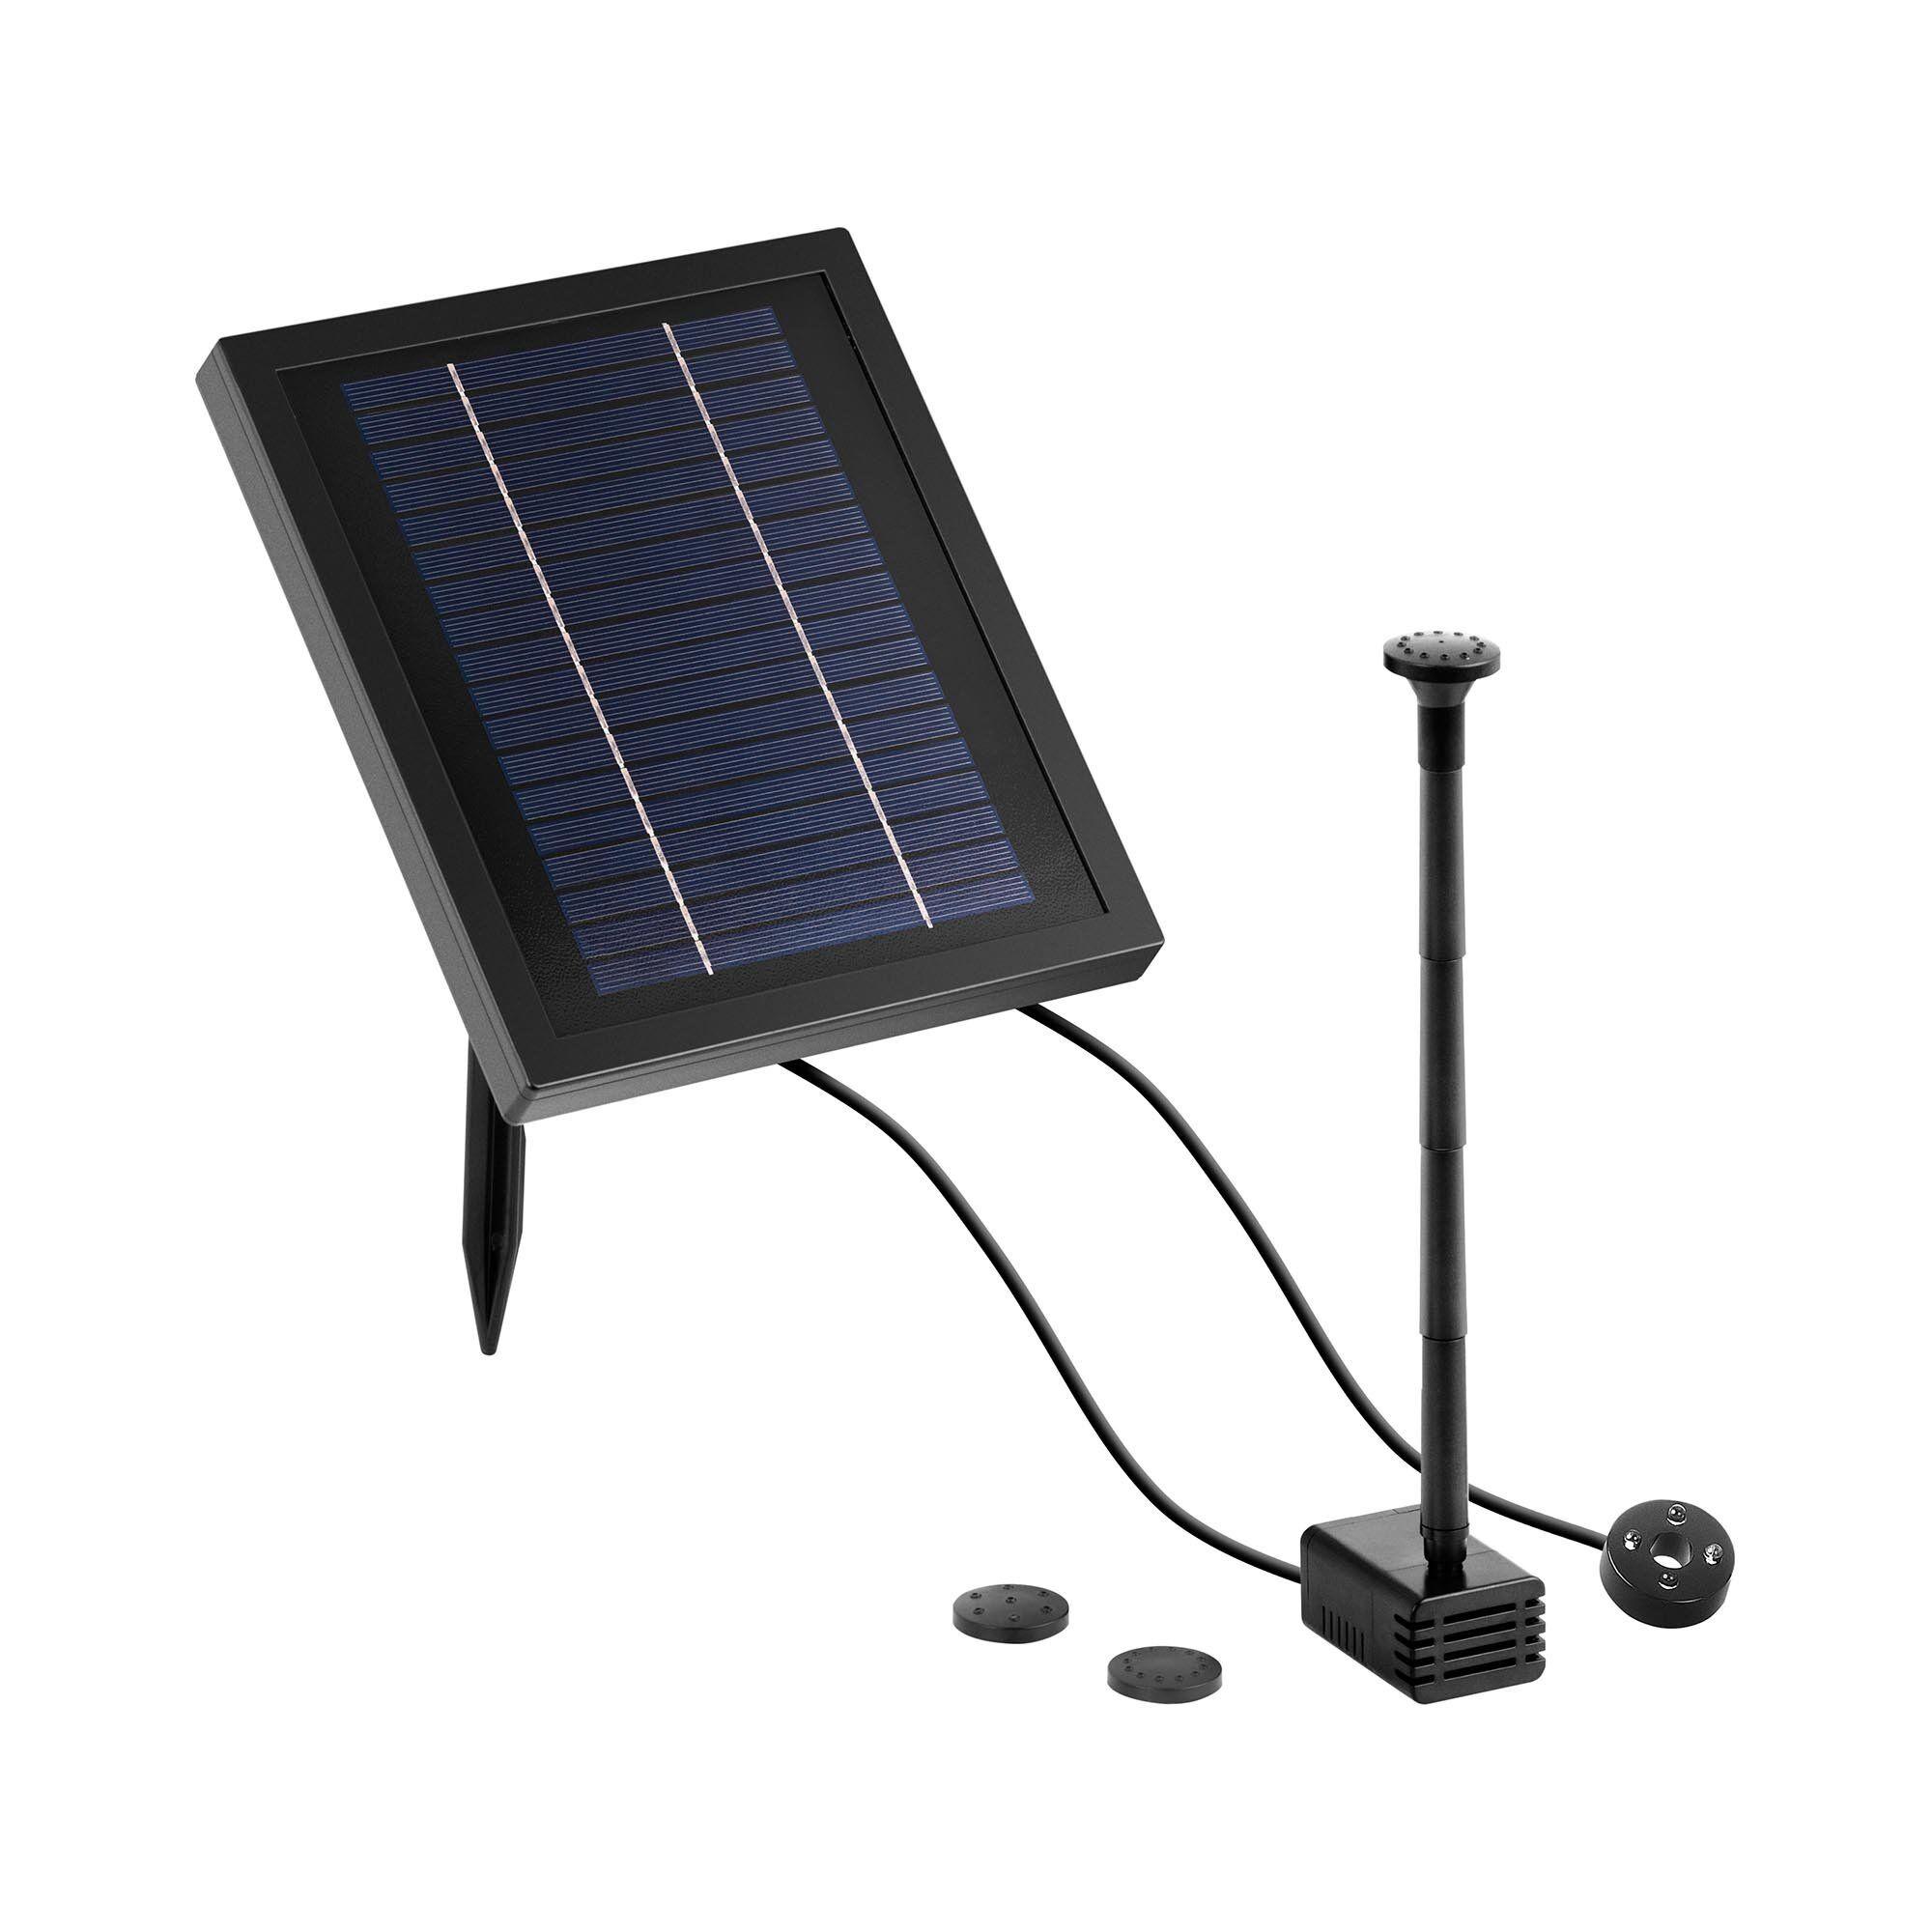 Uniprodo Pompe solaire pour bassin - 250 l/h - LED UNI_PUMP_11